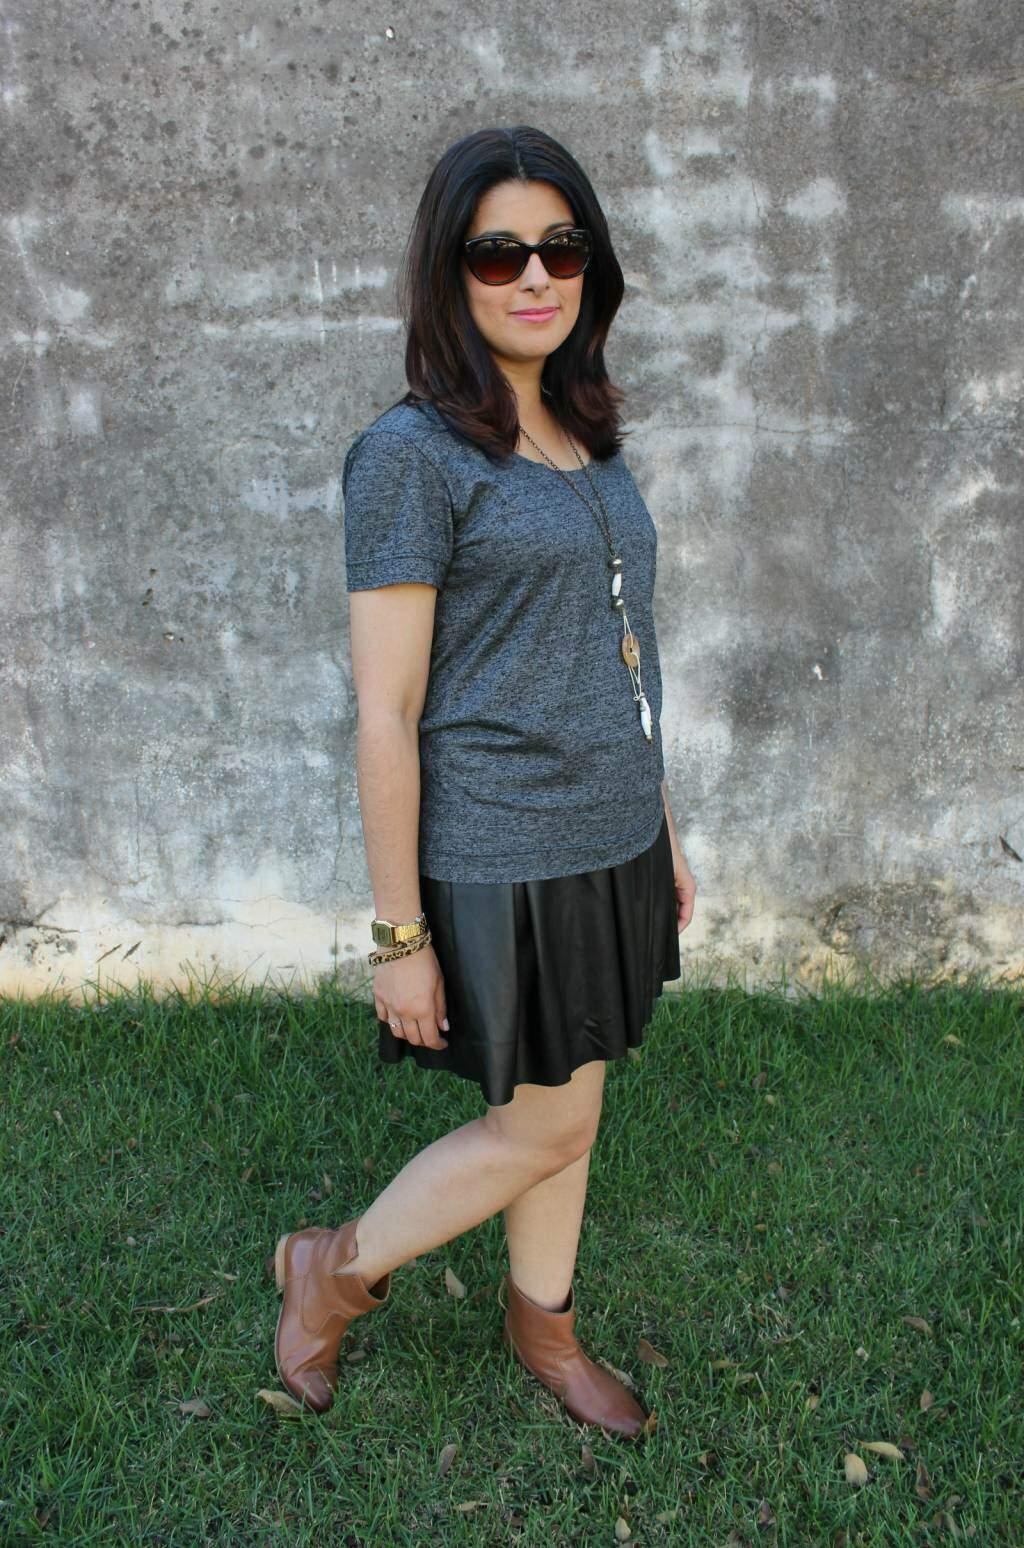 Inspiração na real_saia de couro preta e bota de cano curto_